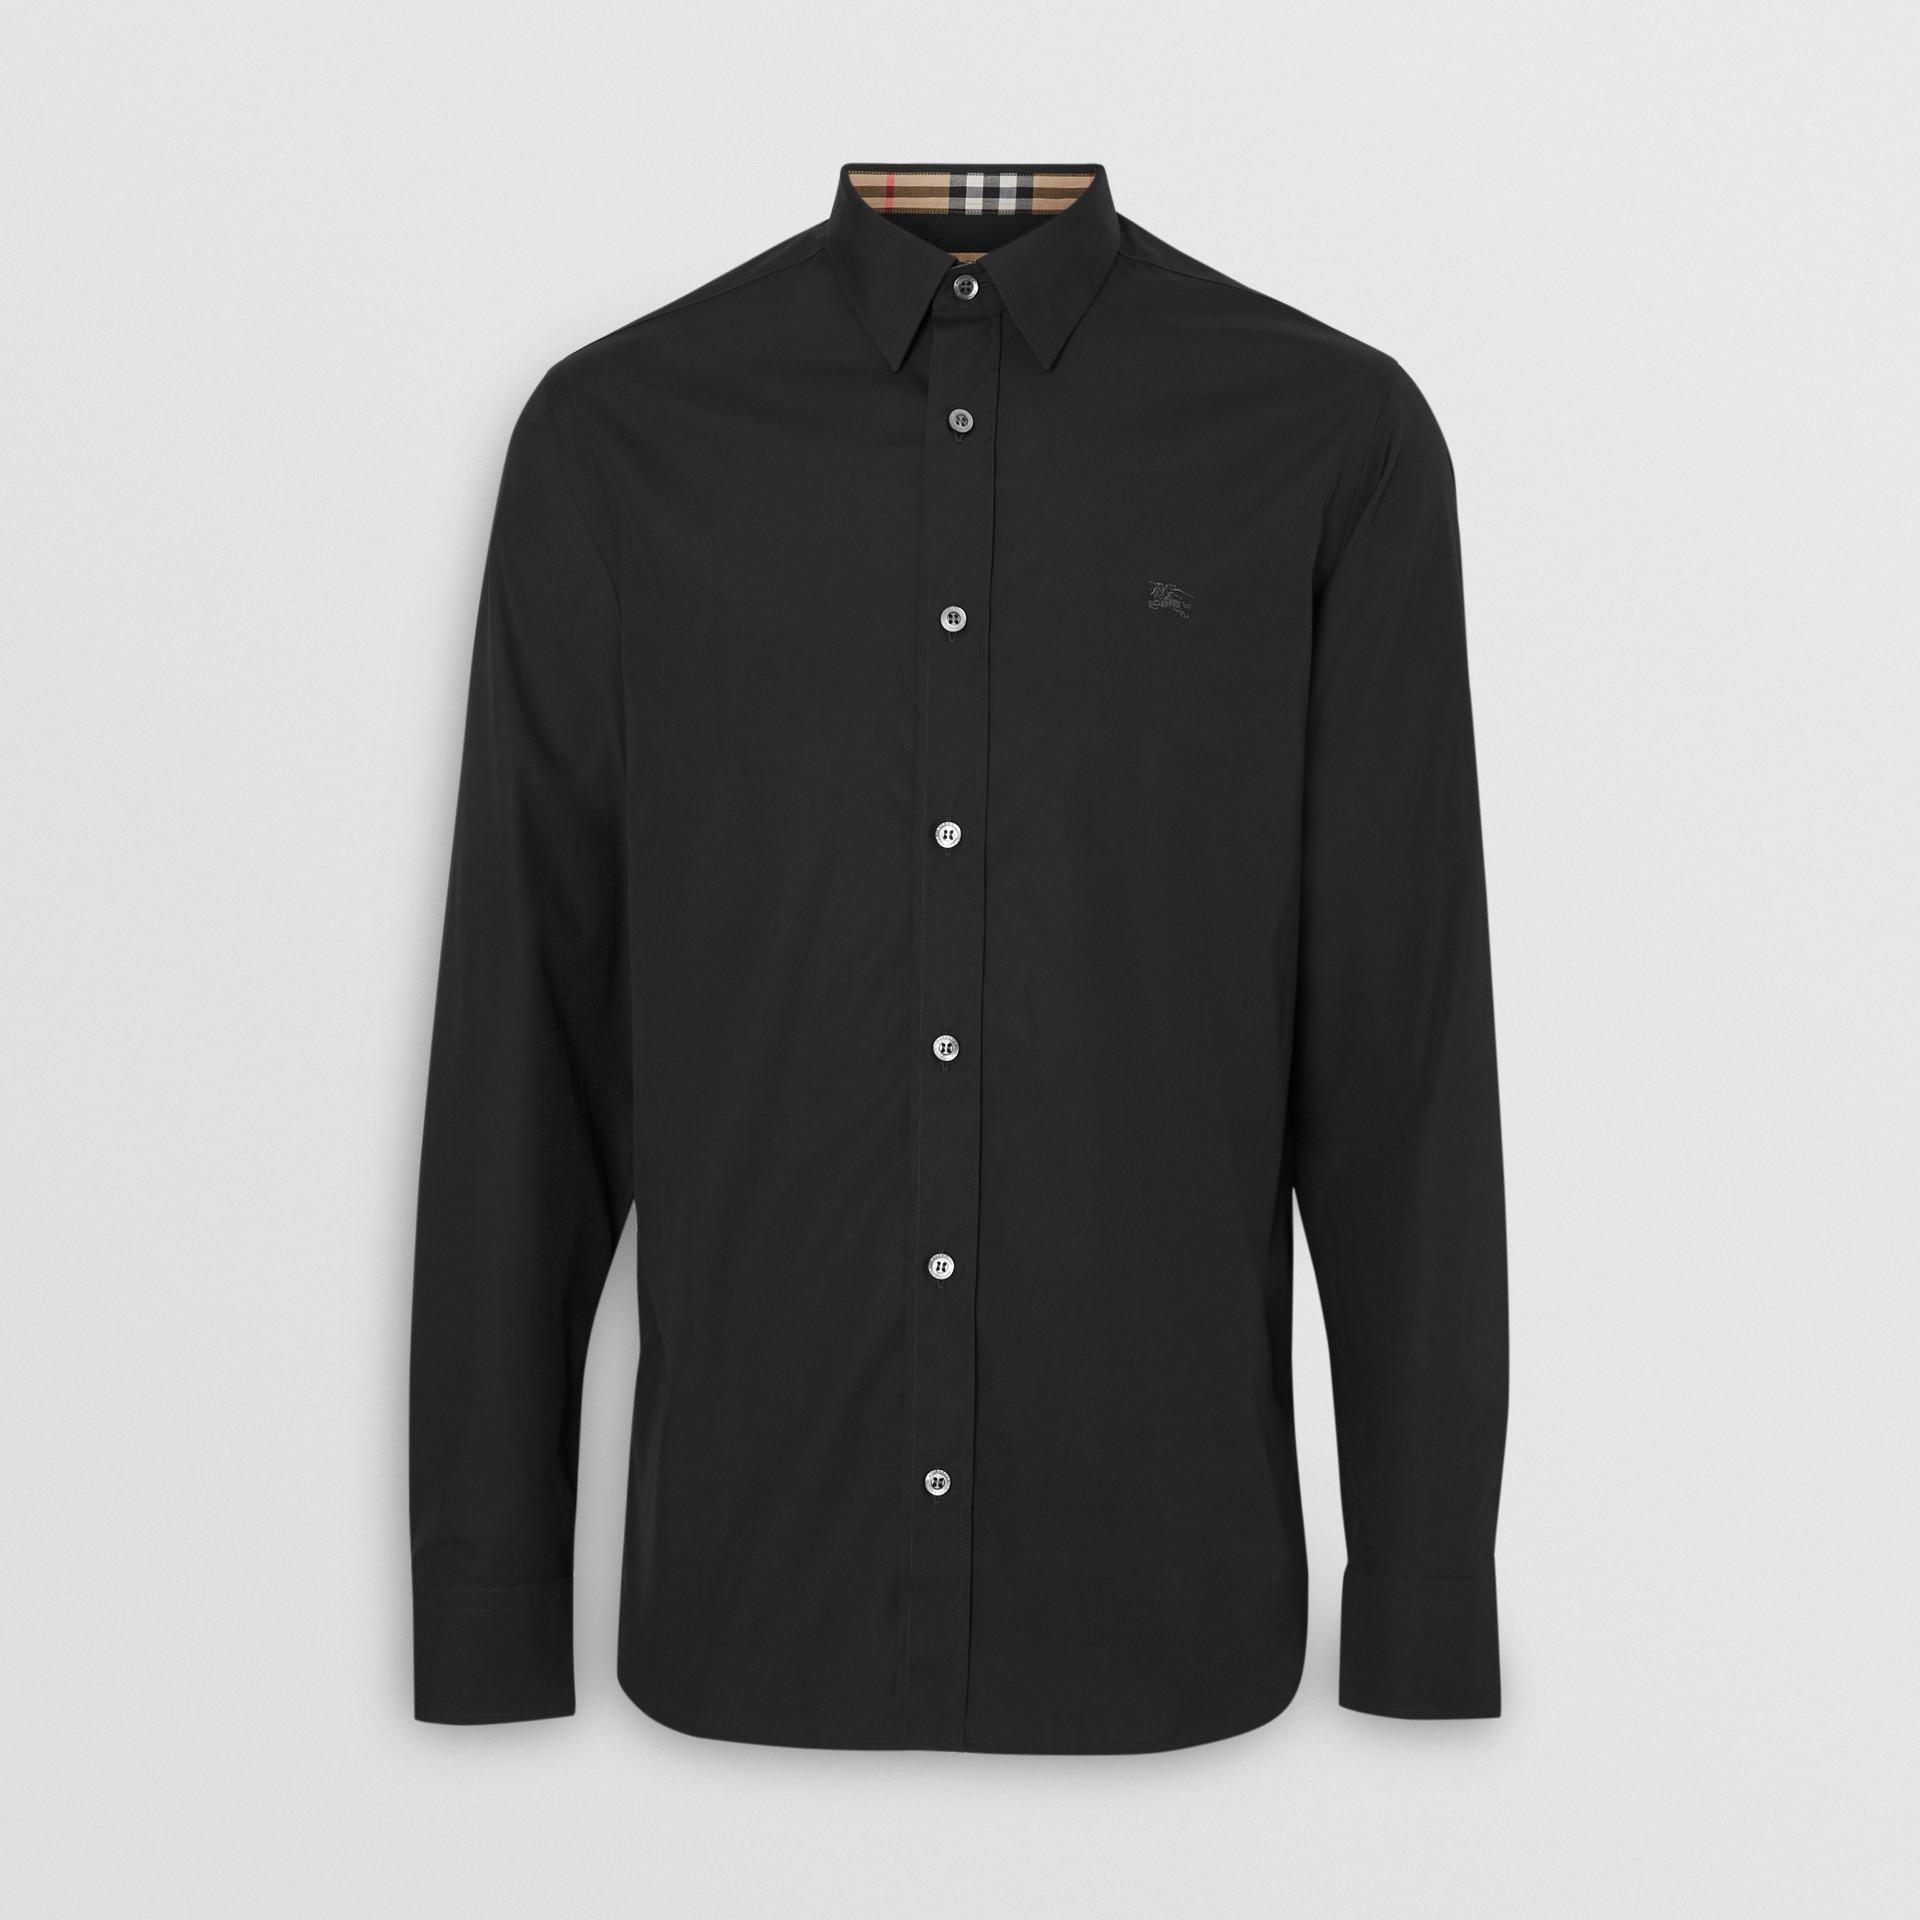 Merino Wool Half-zip Sweater in Black - Men | Burberry - gallery image 3